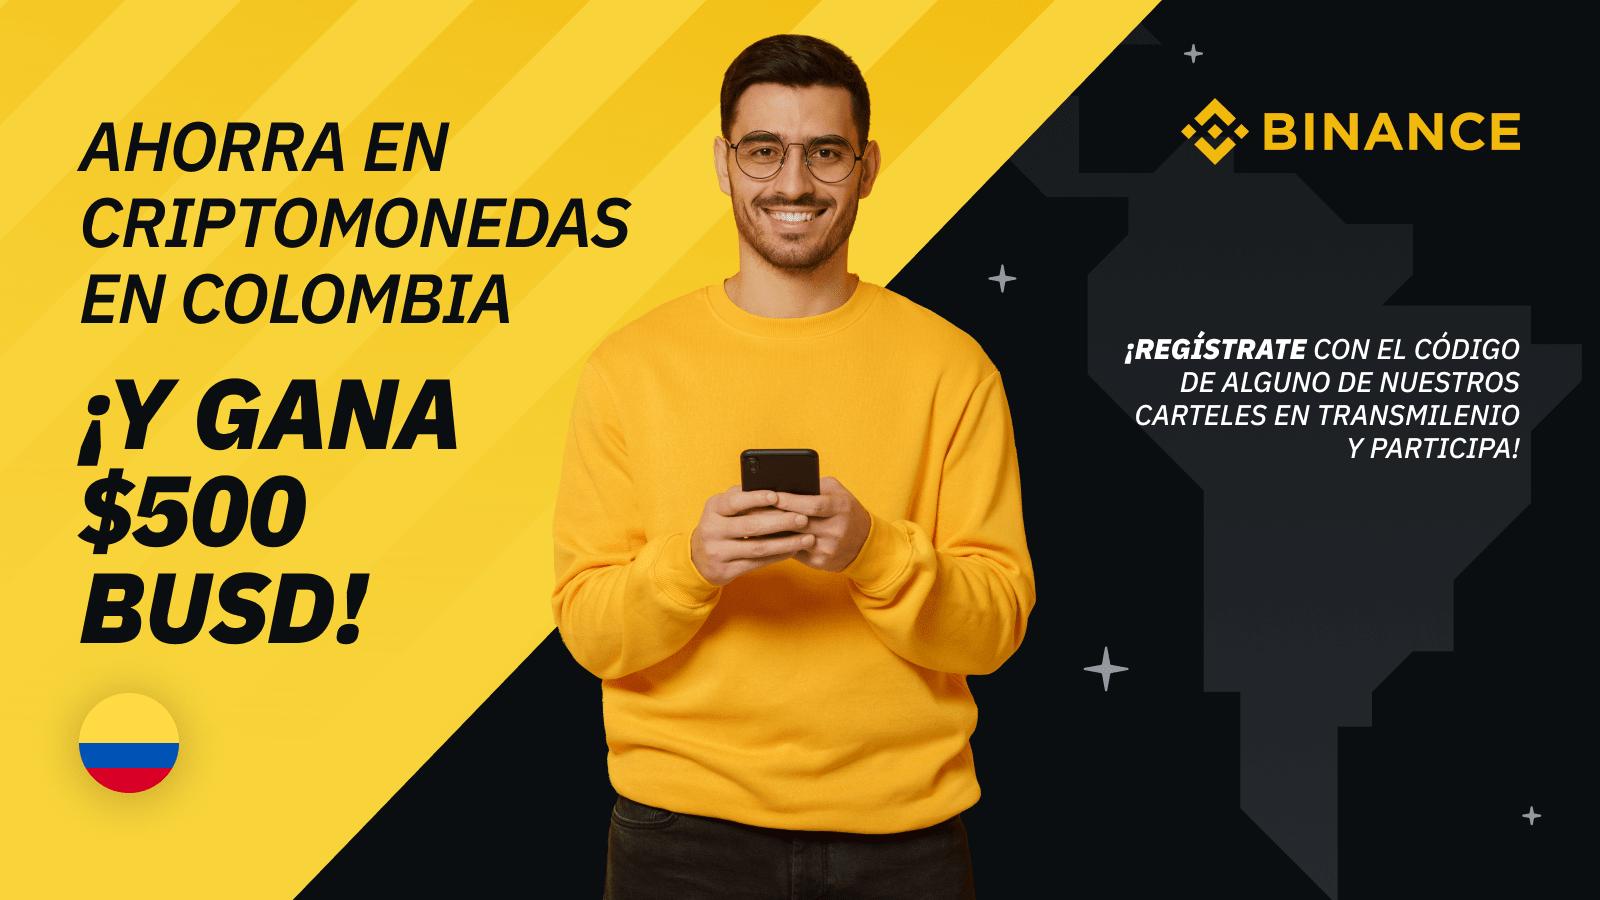 Colombia: Ahorra con criptomonedas ¡y gana 500 USD!